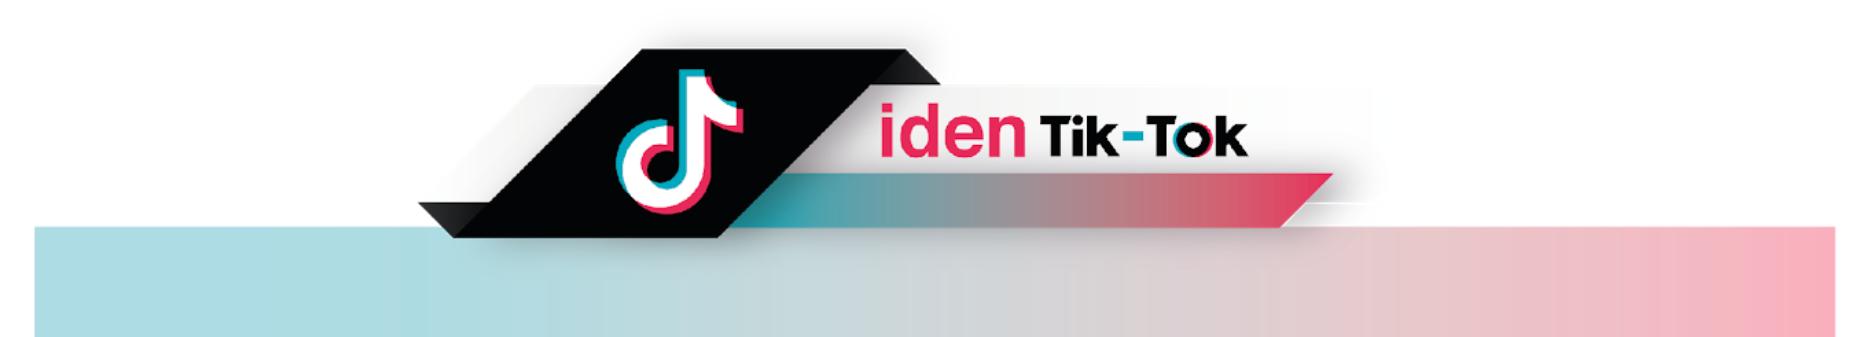 IdenTikTok, l'identikit didattico per i nostri TikTok